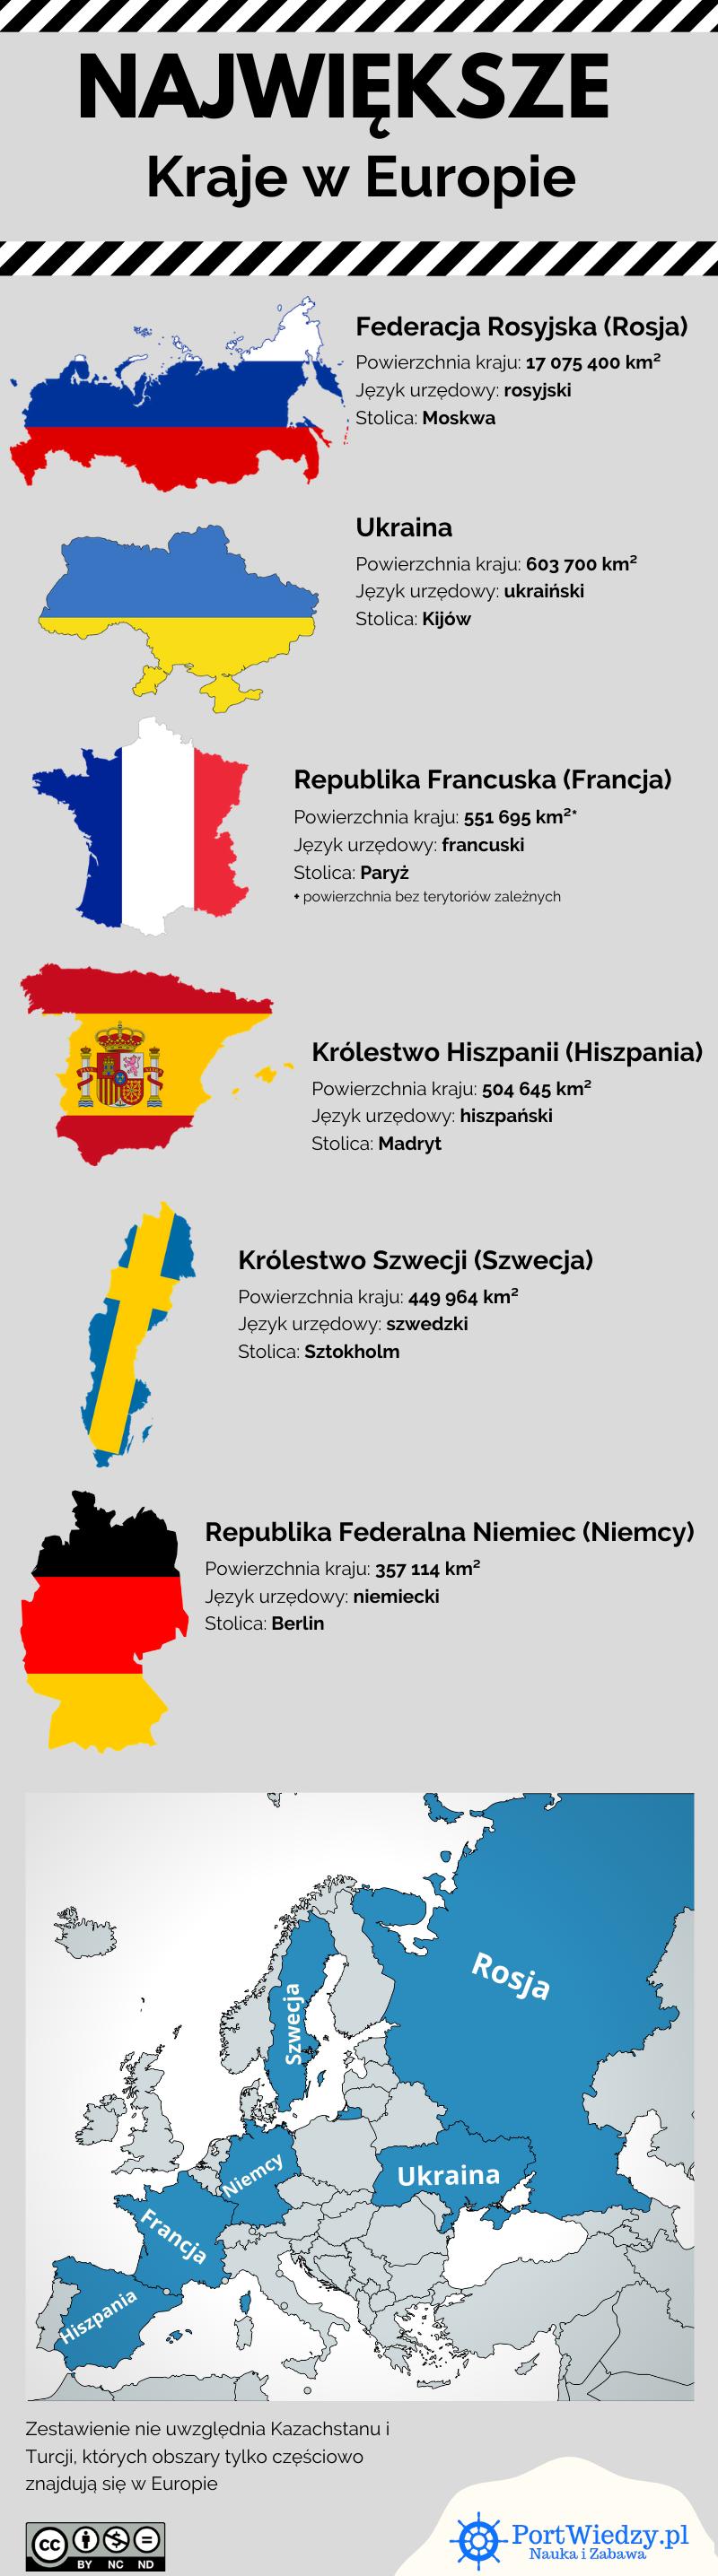 portwiedzy najwieksze europa infografika